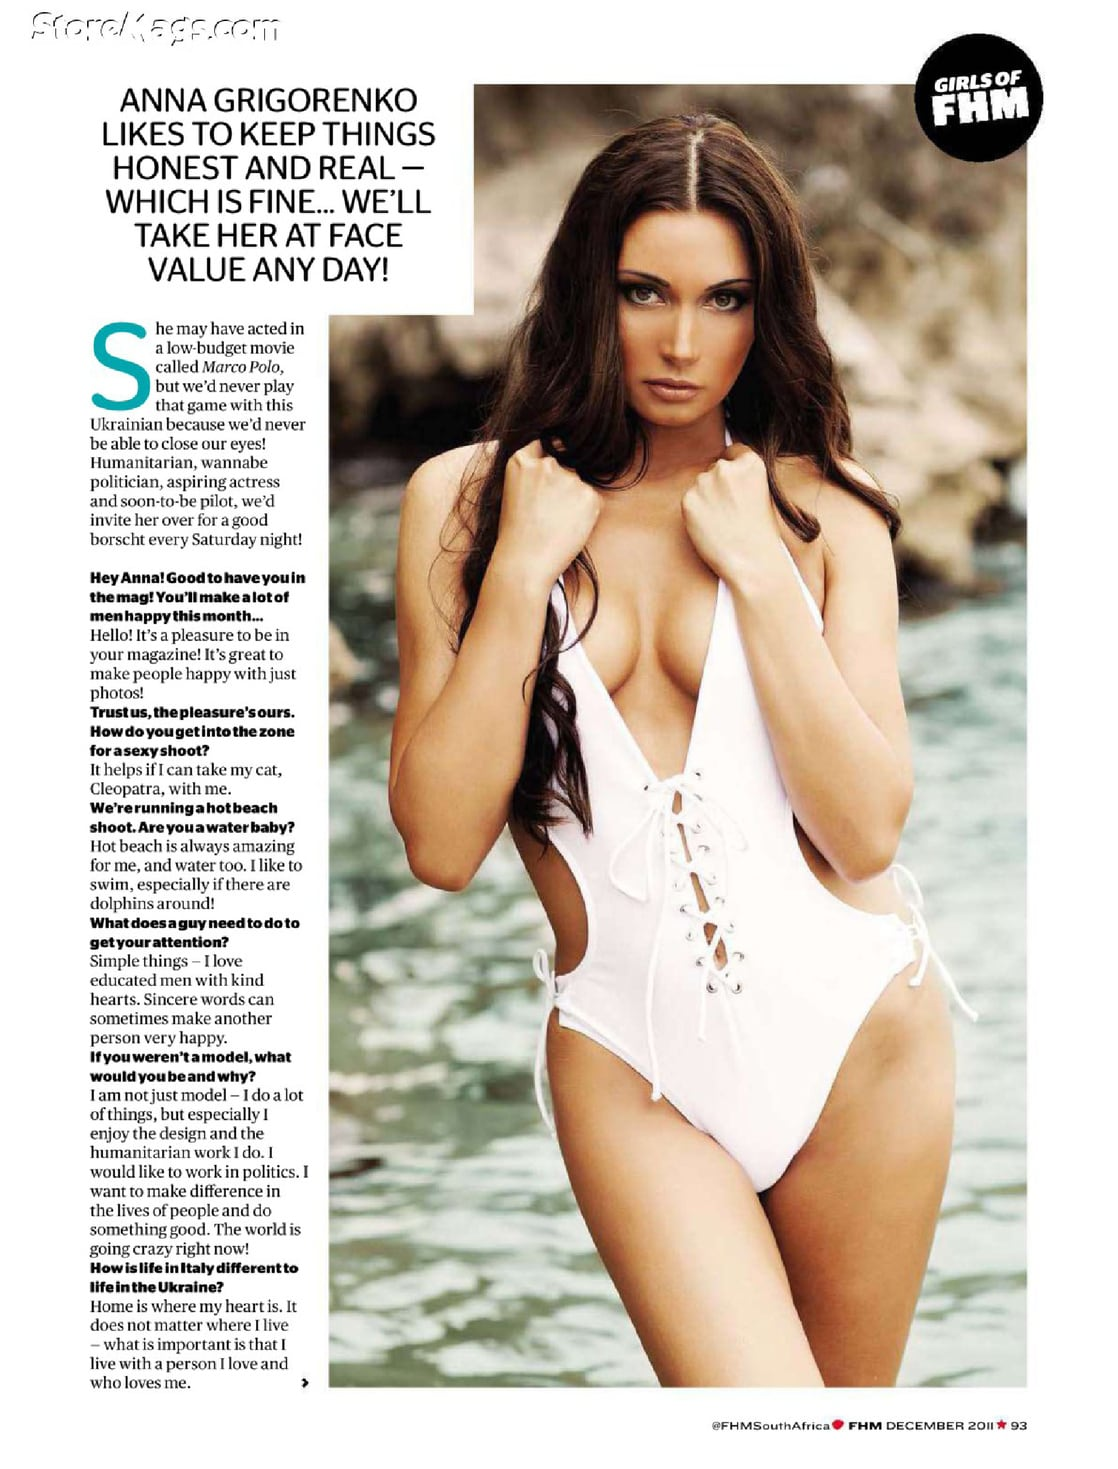 Anna Grigorenko nudes (28 photo), young Porno, iCloud, cameltoe 2020